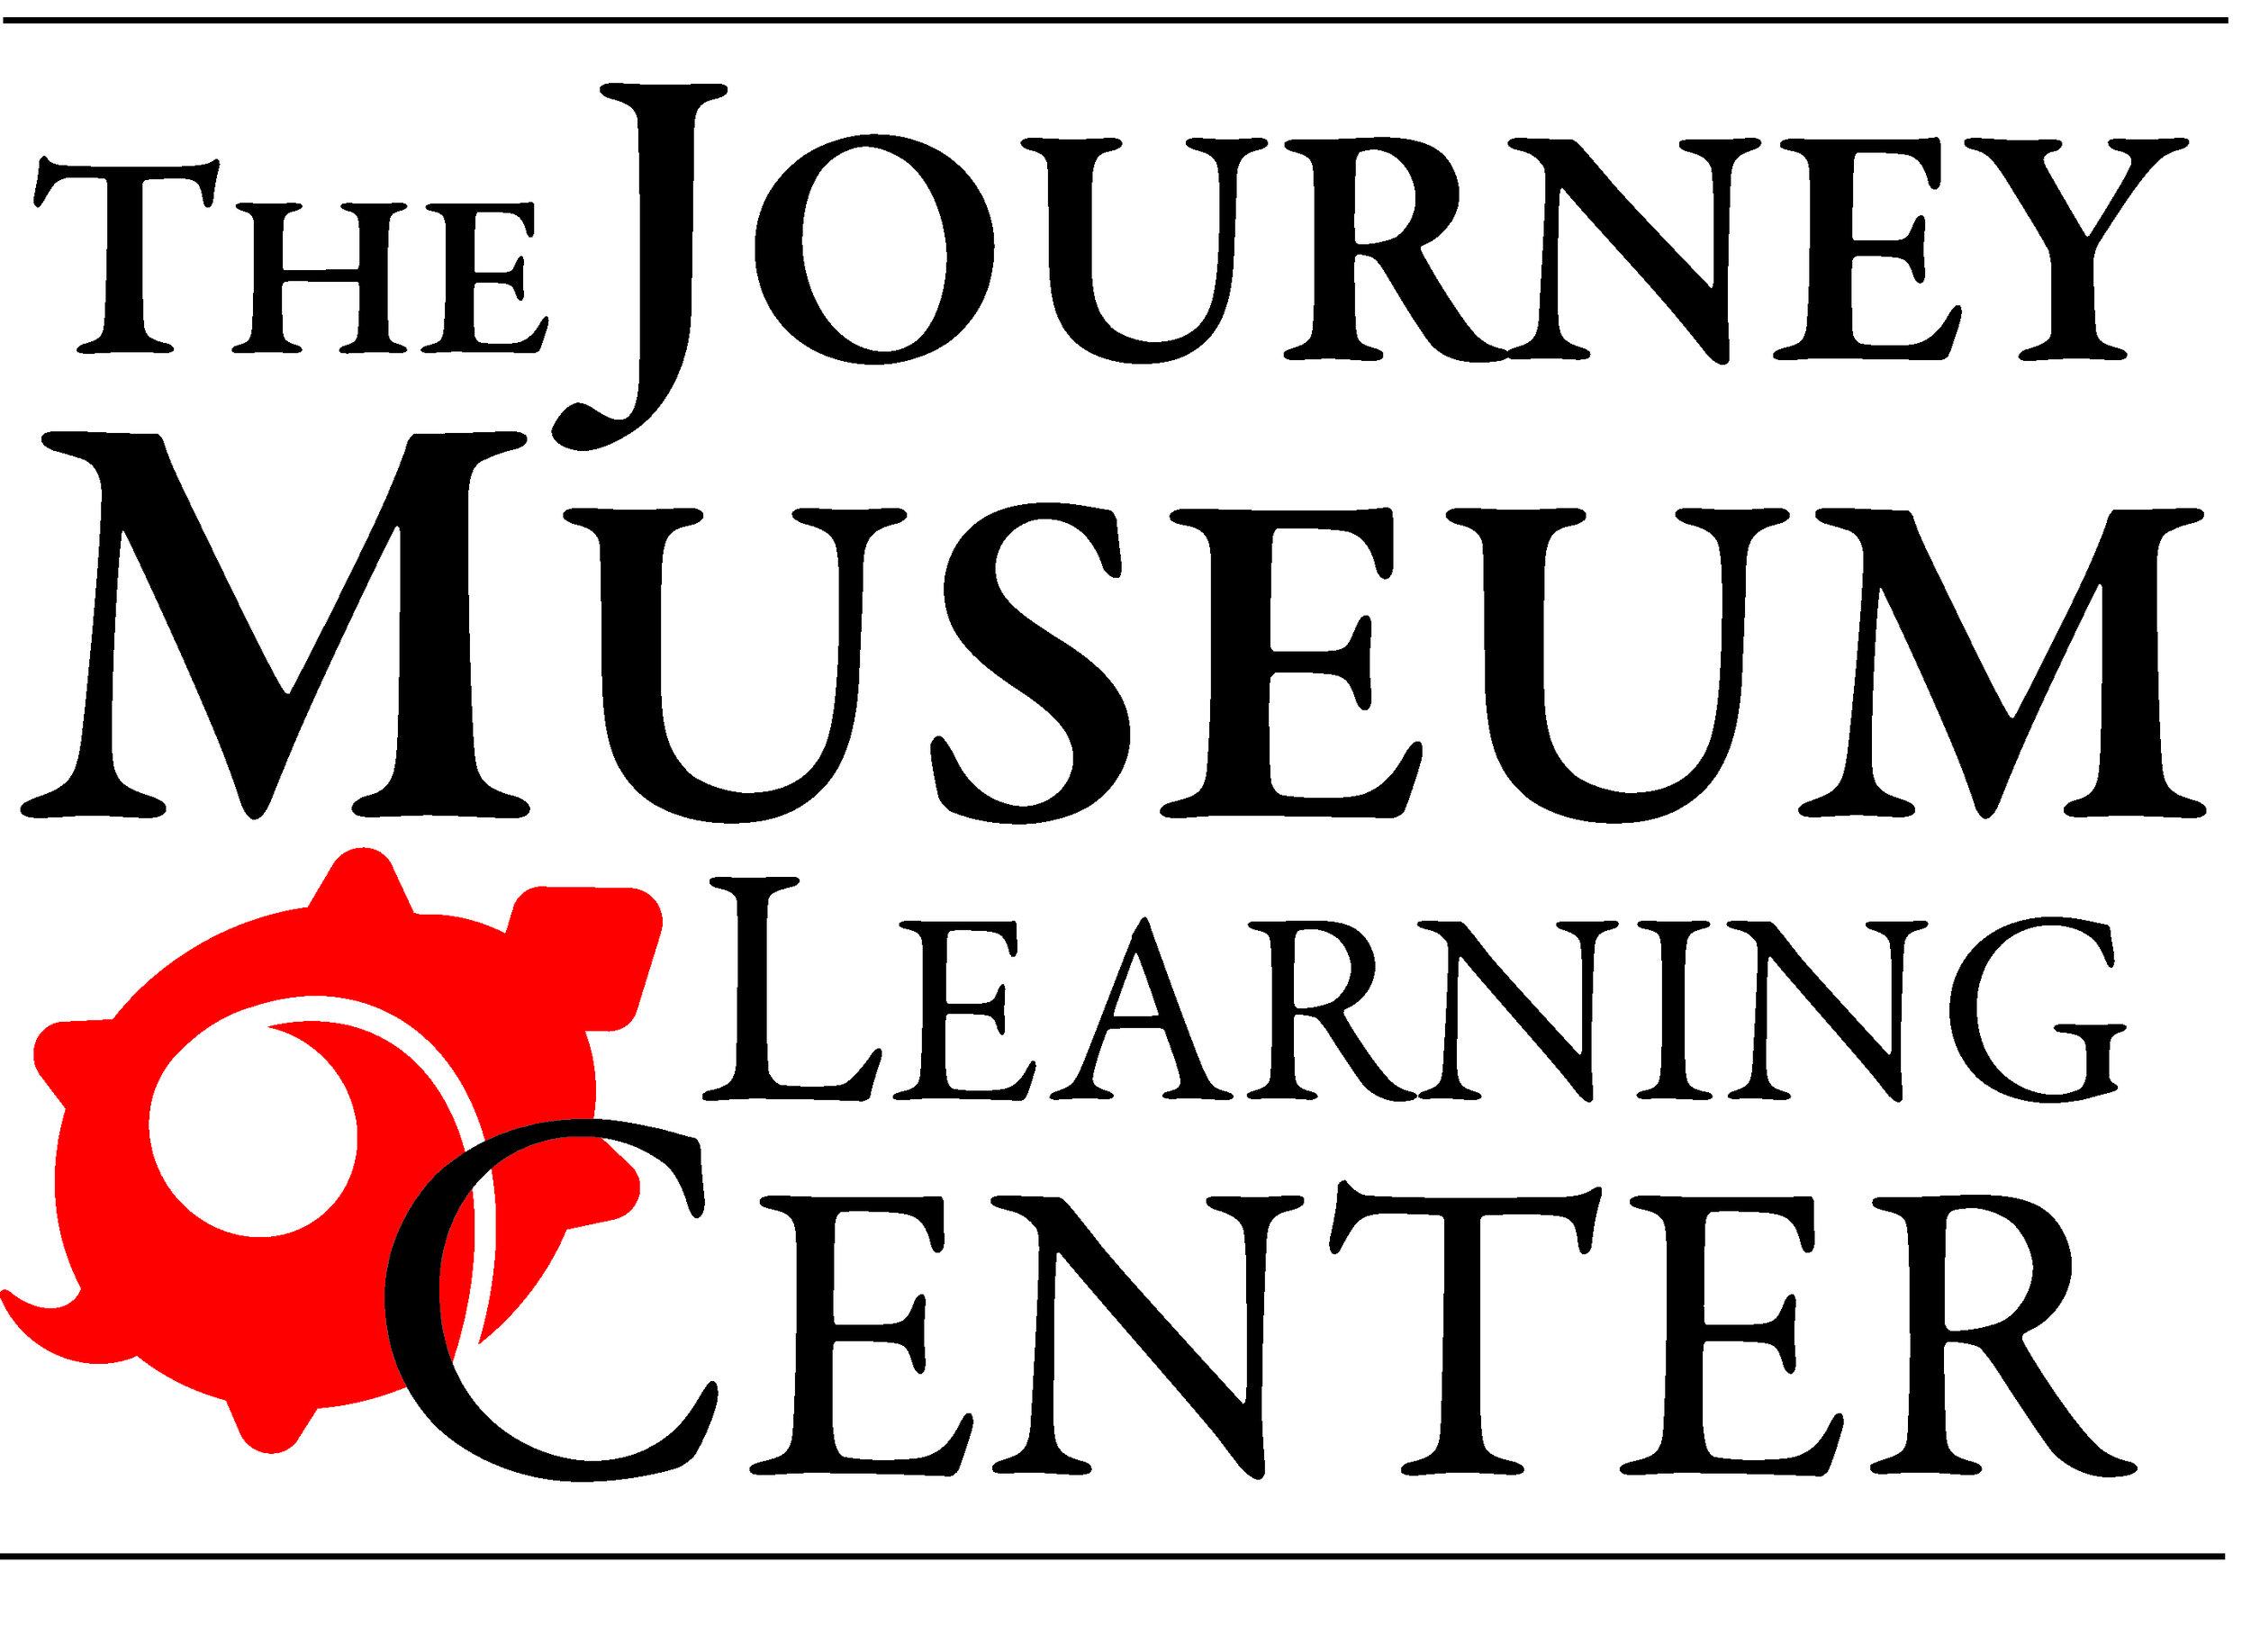 jm learning center.jpg